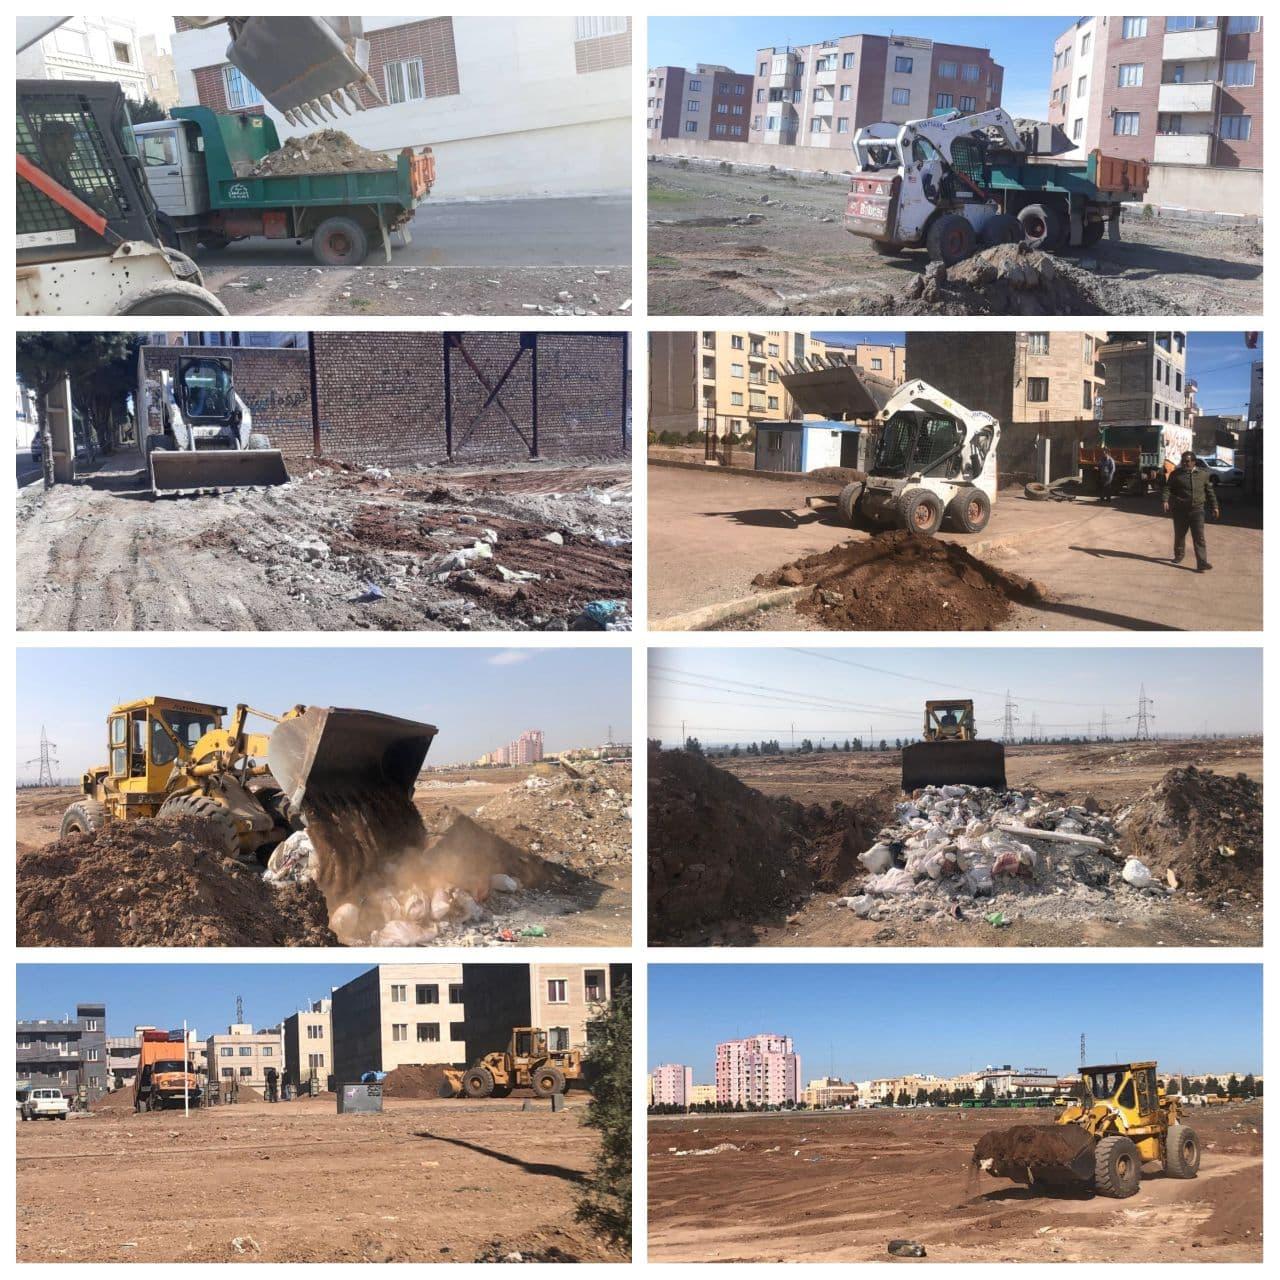 جمع آوری ۴۸۰ تن نخاله و ضایعات ساختمانی از سطح شهر پرند از ابتدای اسفند